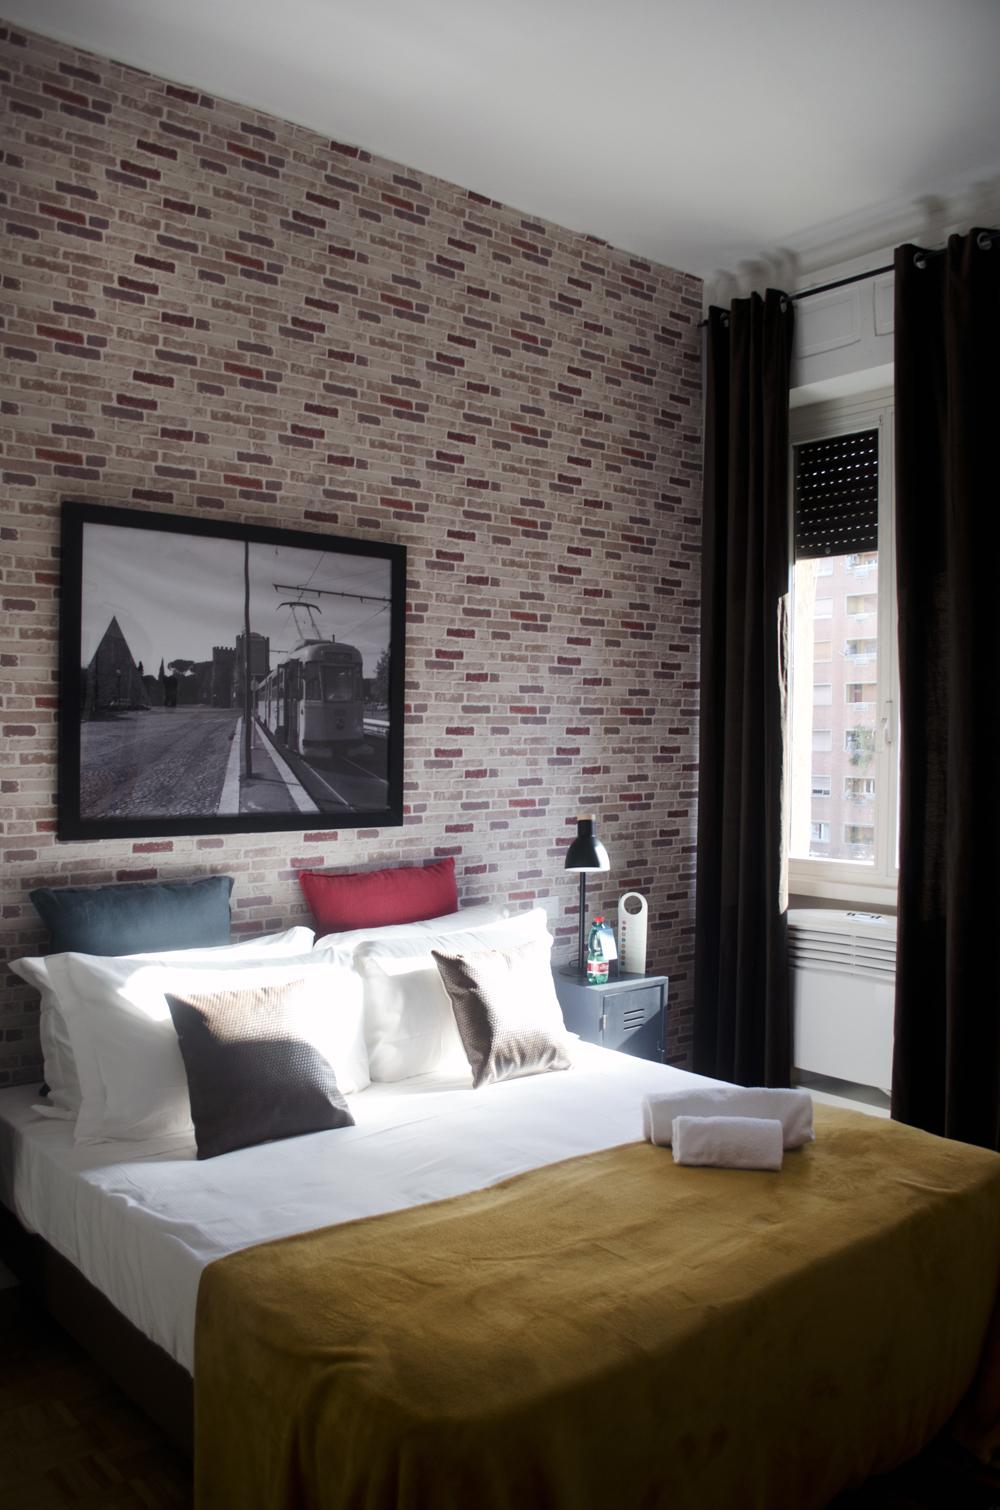 affitto appartamento vacanze roma economico